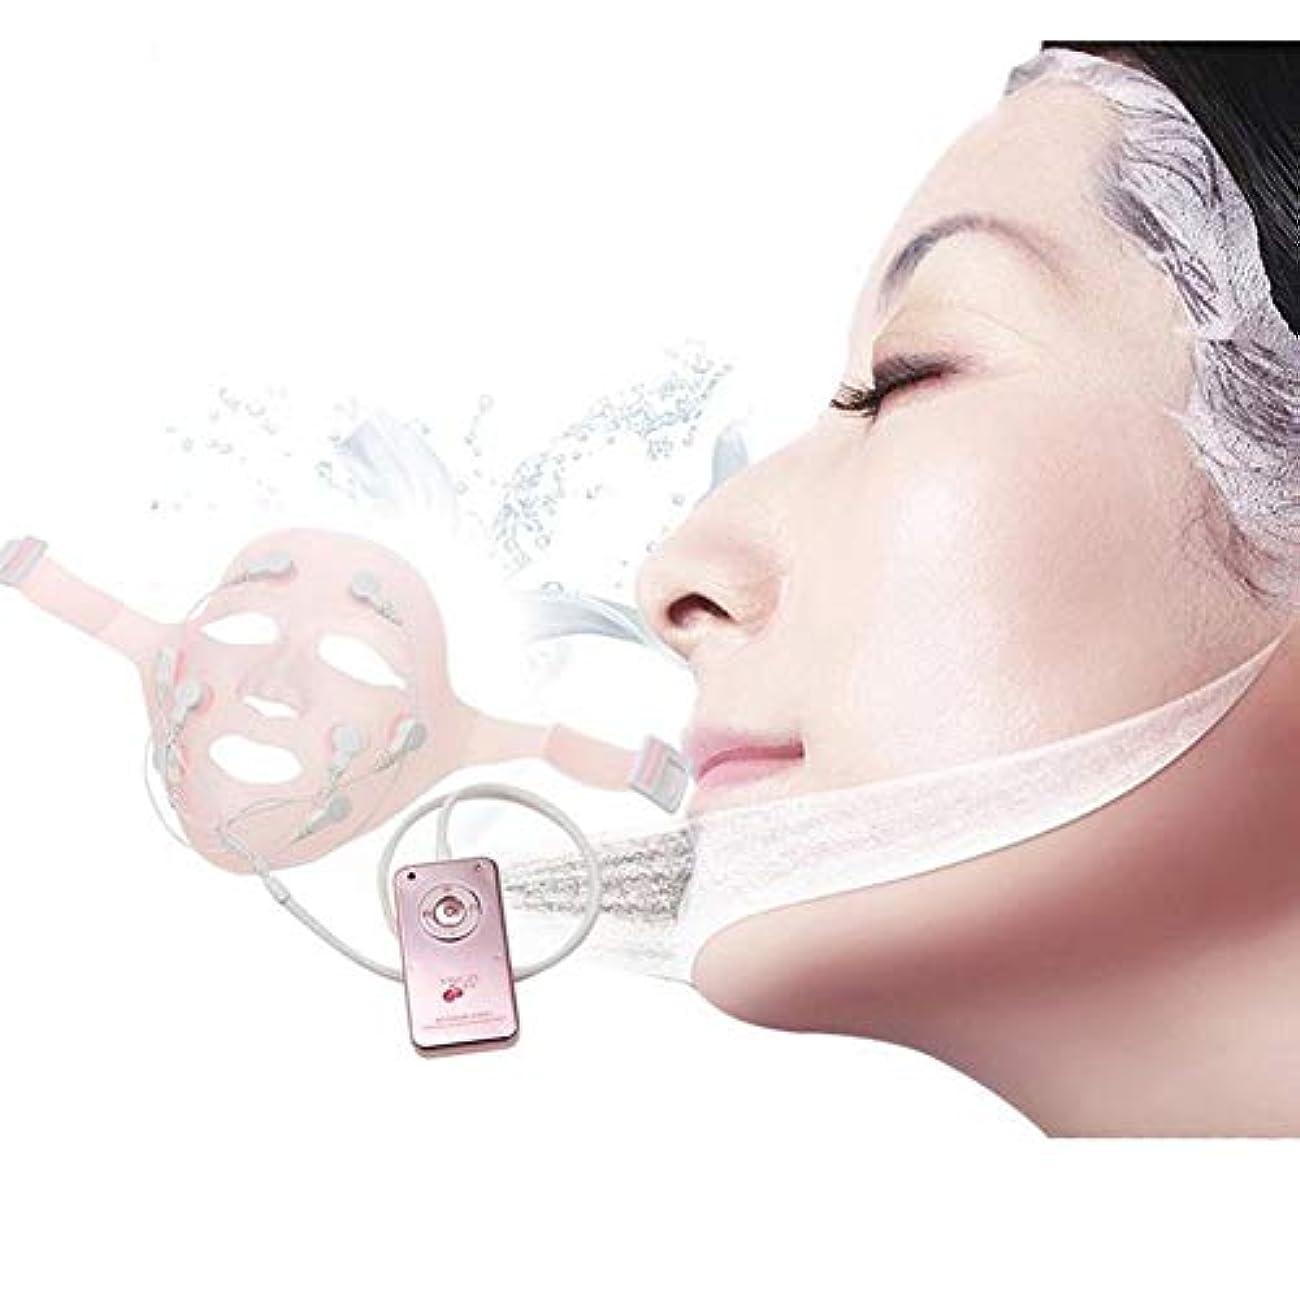 ジャニス電圧自己尊重電気EMS振動美容マッサージ機アンチリンクルマグネットマッサージフェイシャルスパフェイスマスク振動フェイシャルマッサージクイックフェイスリフトマスク